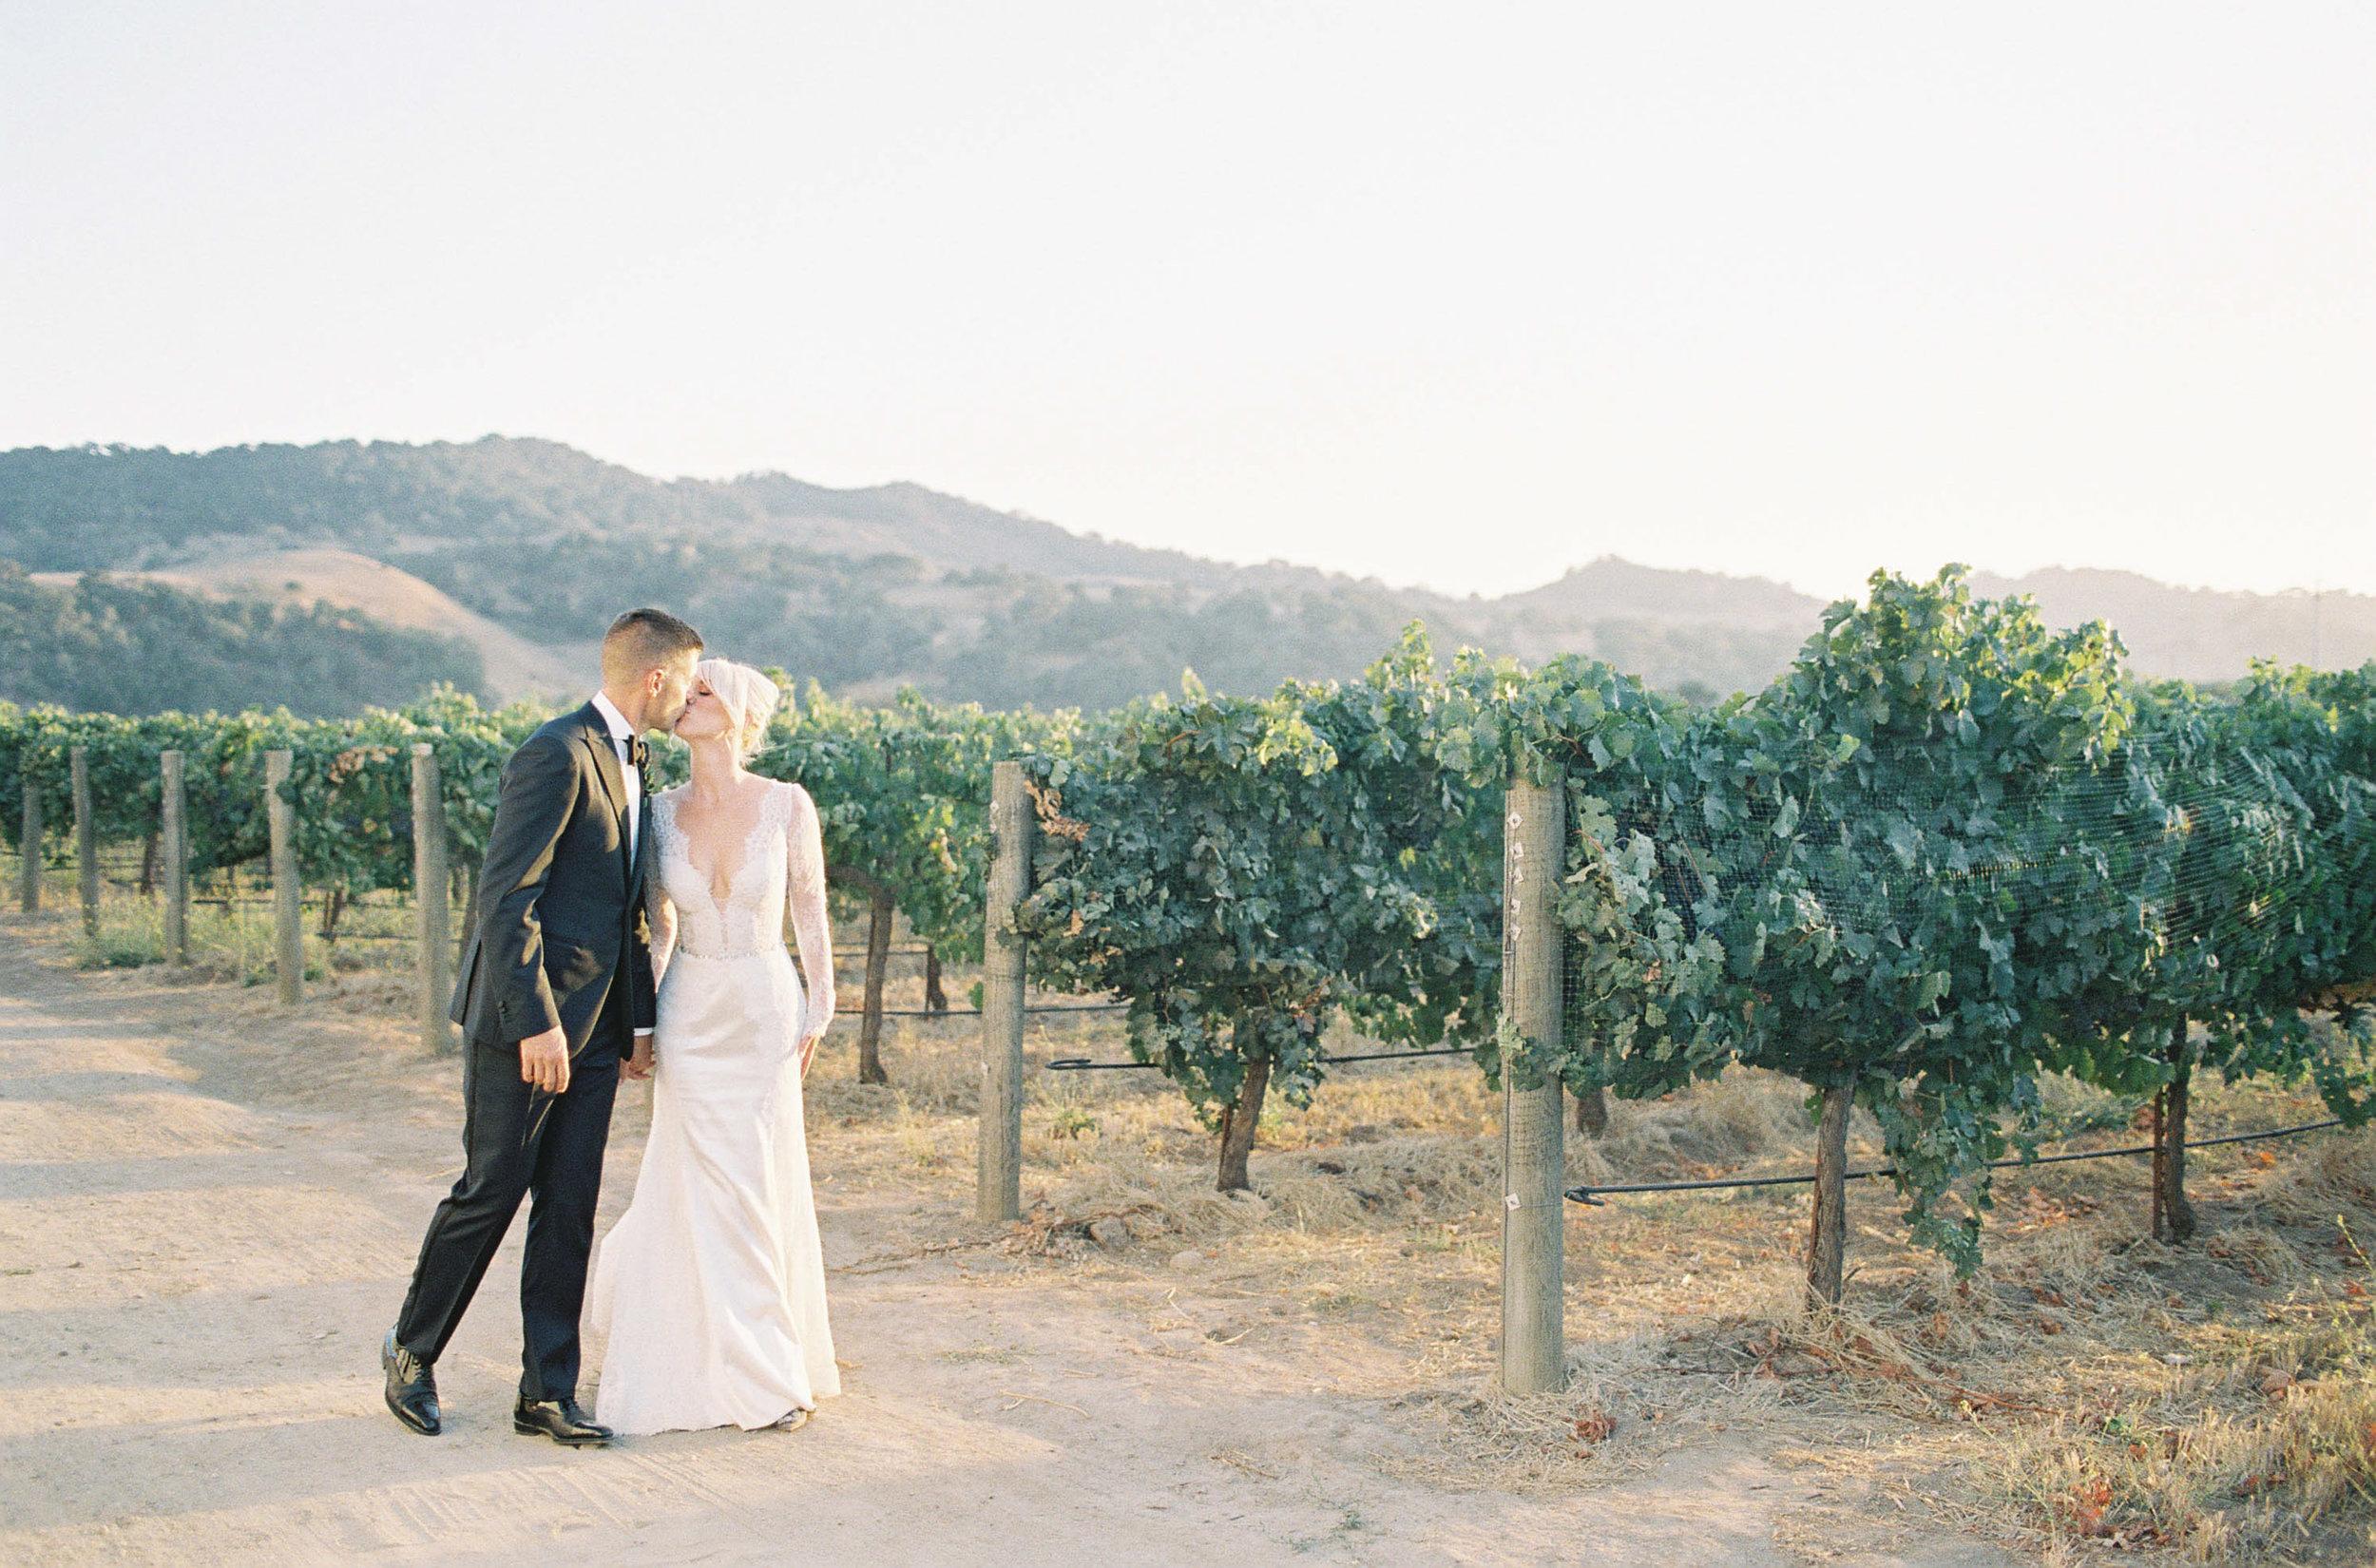 Sunstone_Villa_Wedding-71-Jen-Huang-JTEd-108-Jen_Huang-002818-R1-004.jpg